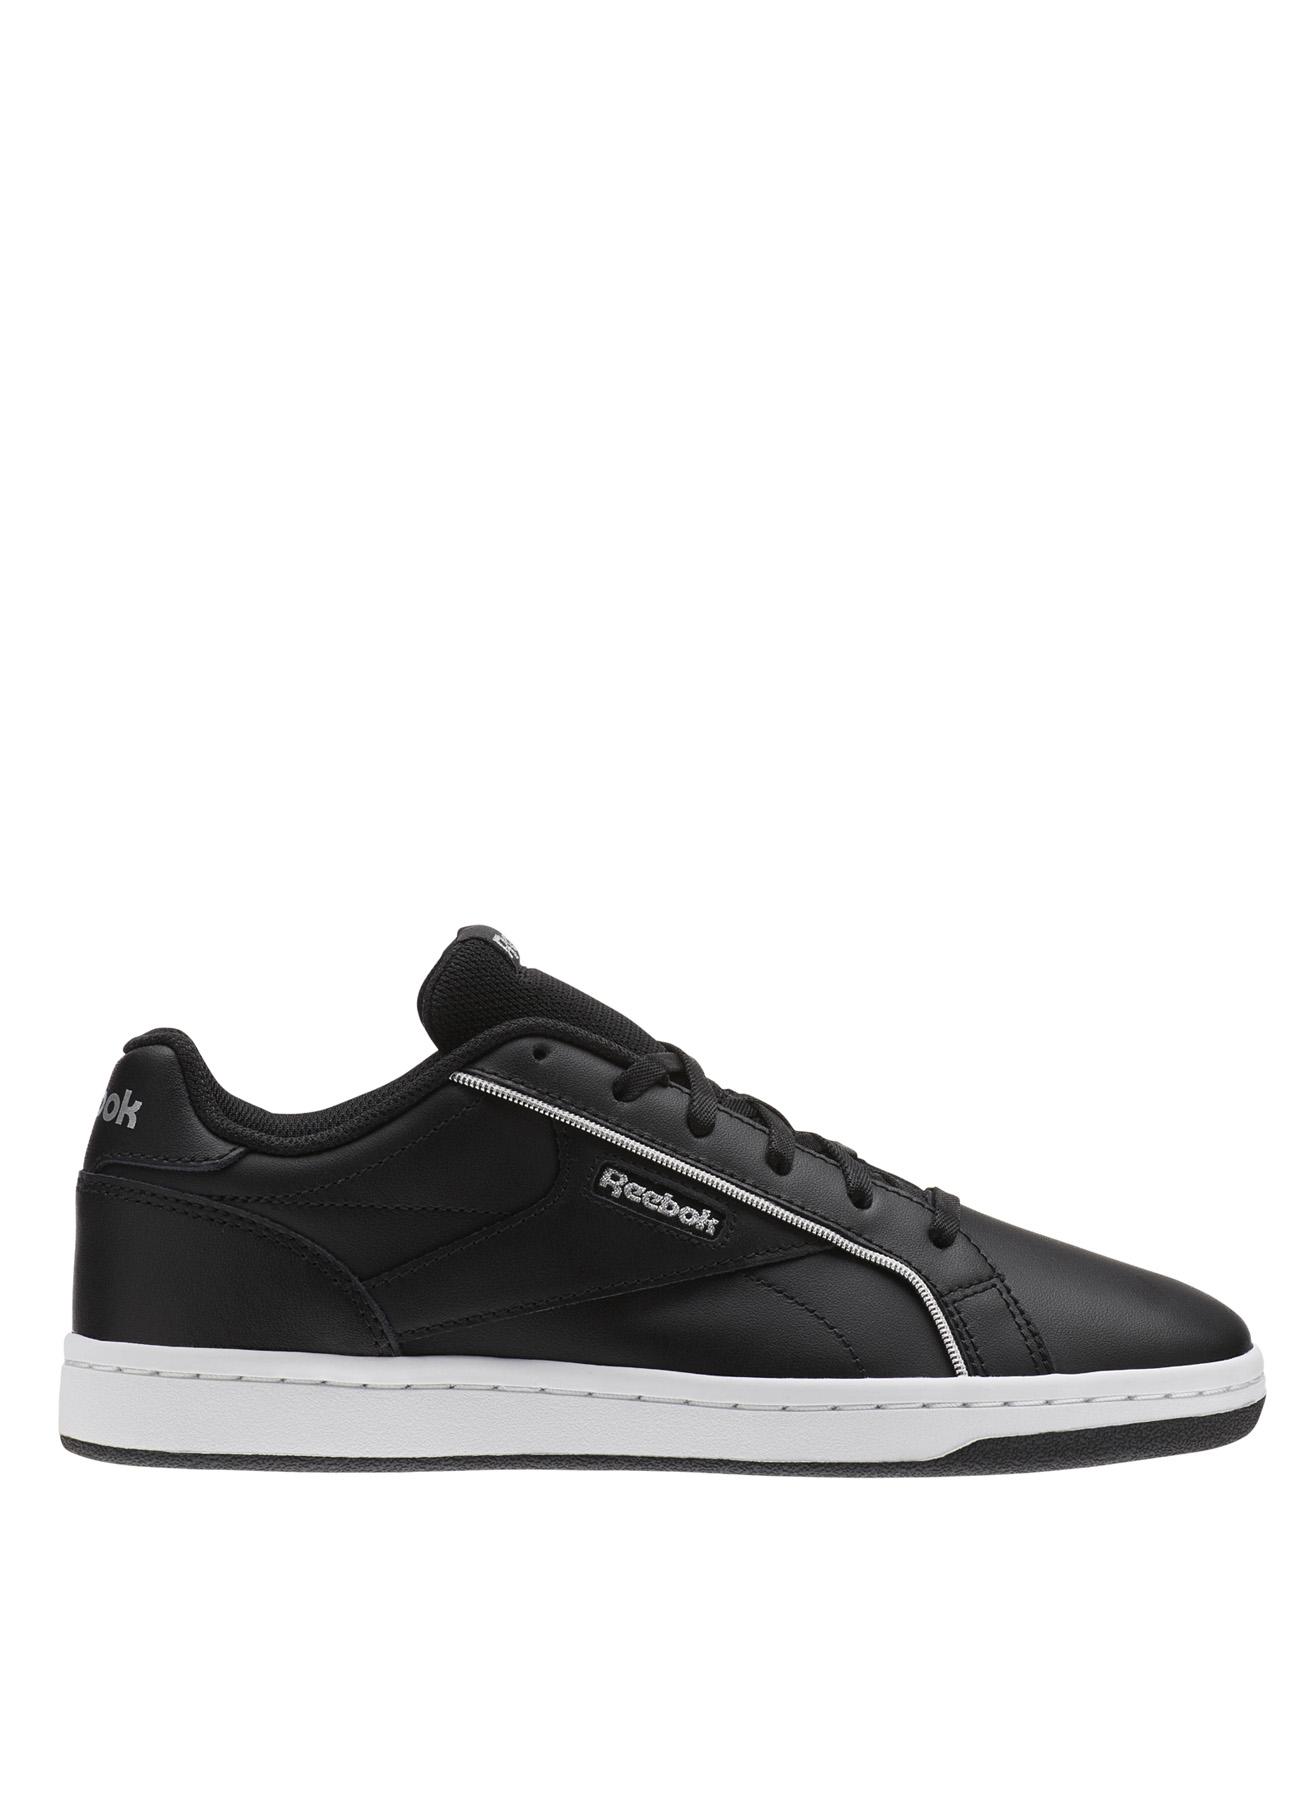 Reebok Royal Cmplt CLN LX Lifestyle Ayakkabı 37 5001633237002 Ürün Resmi